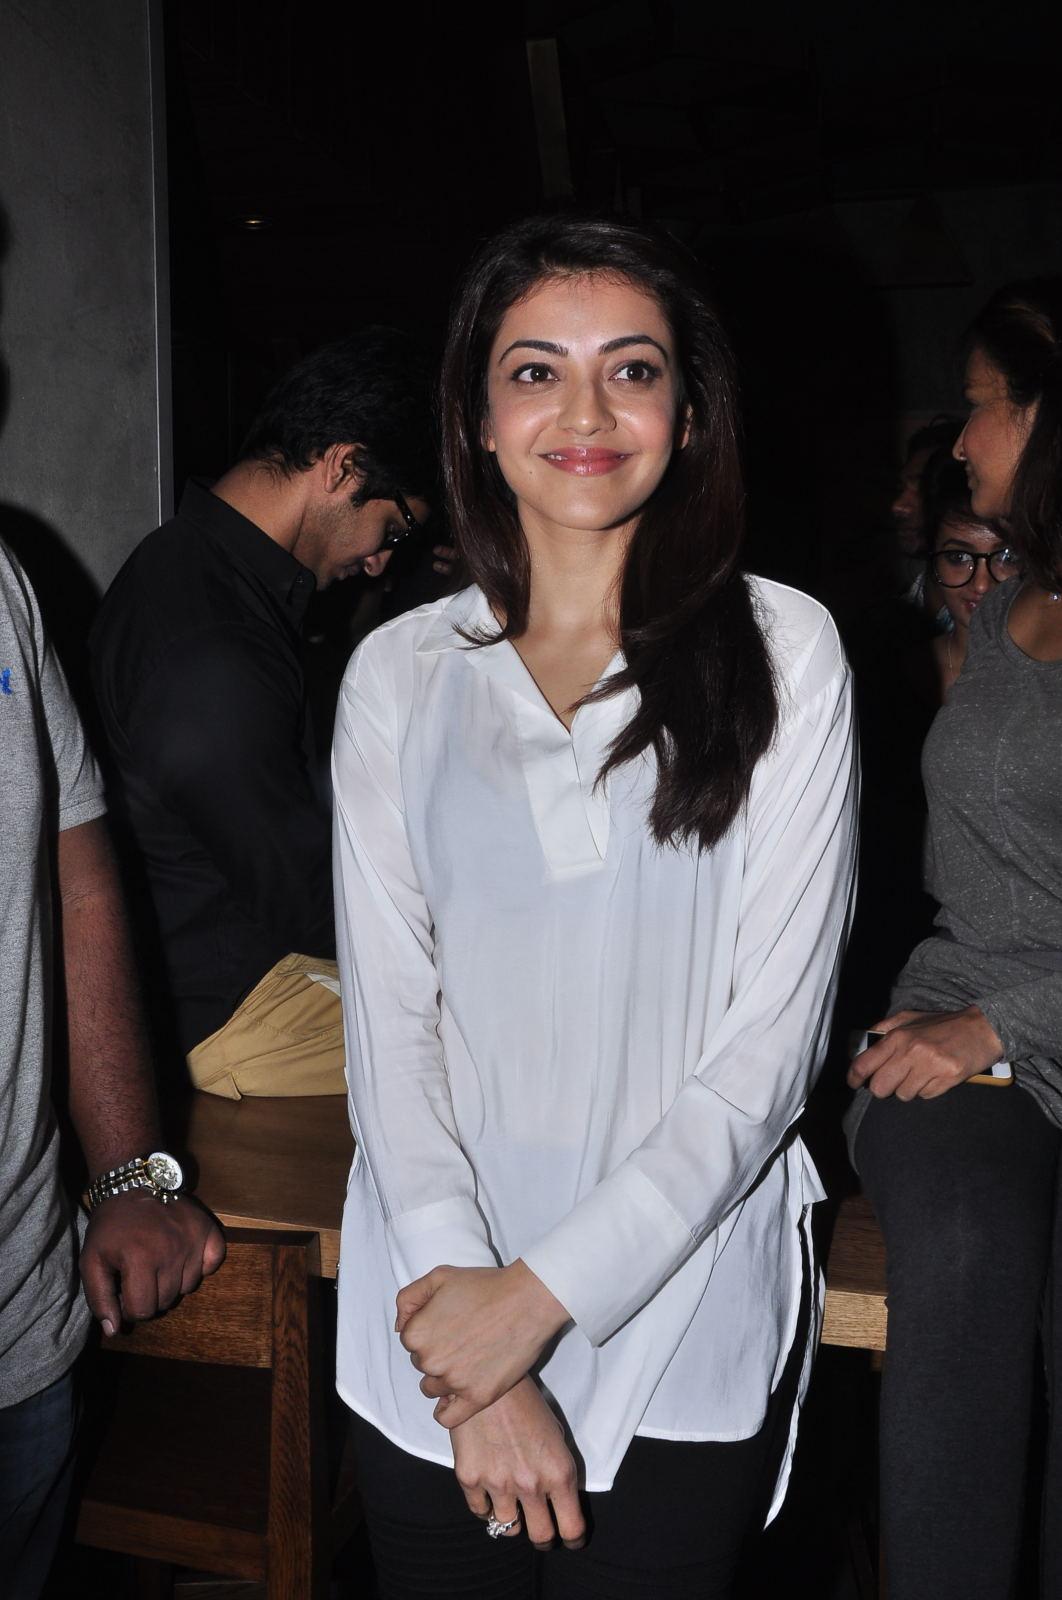 Kajal Aggarwal Smiling Photos In White Shirt